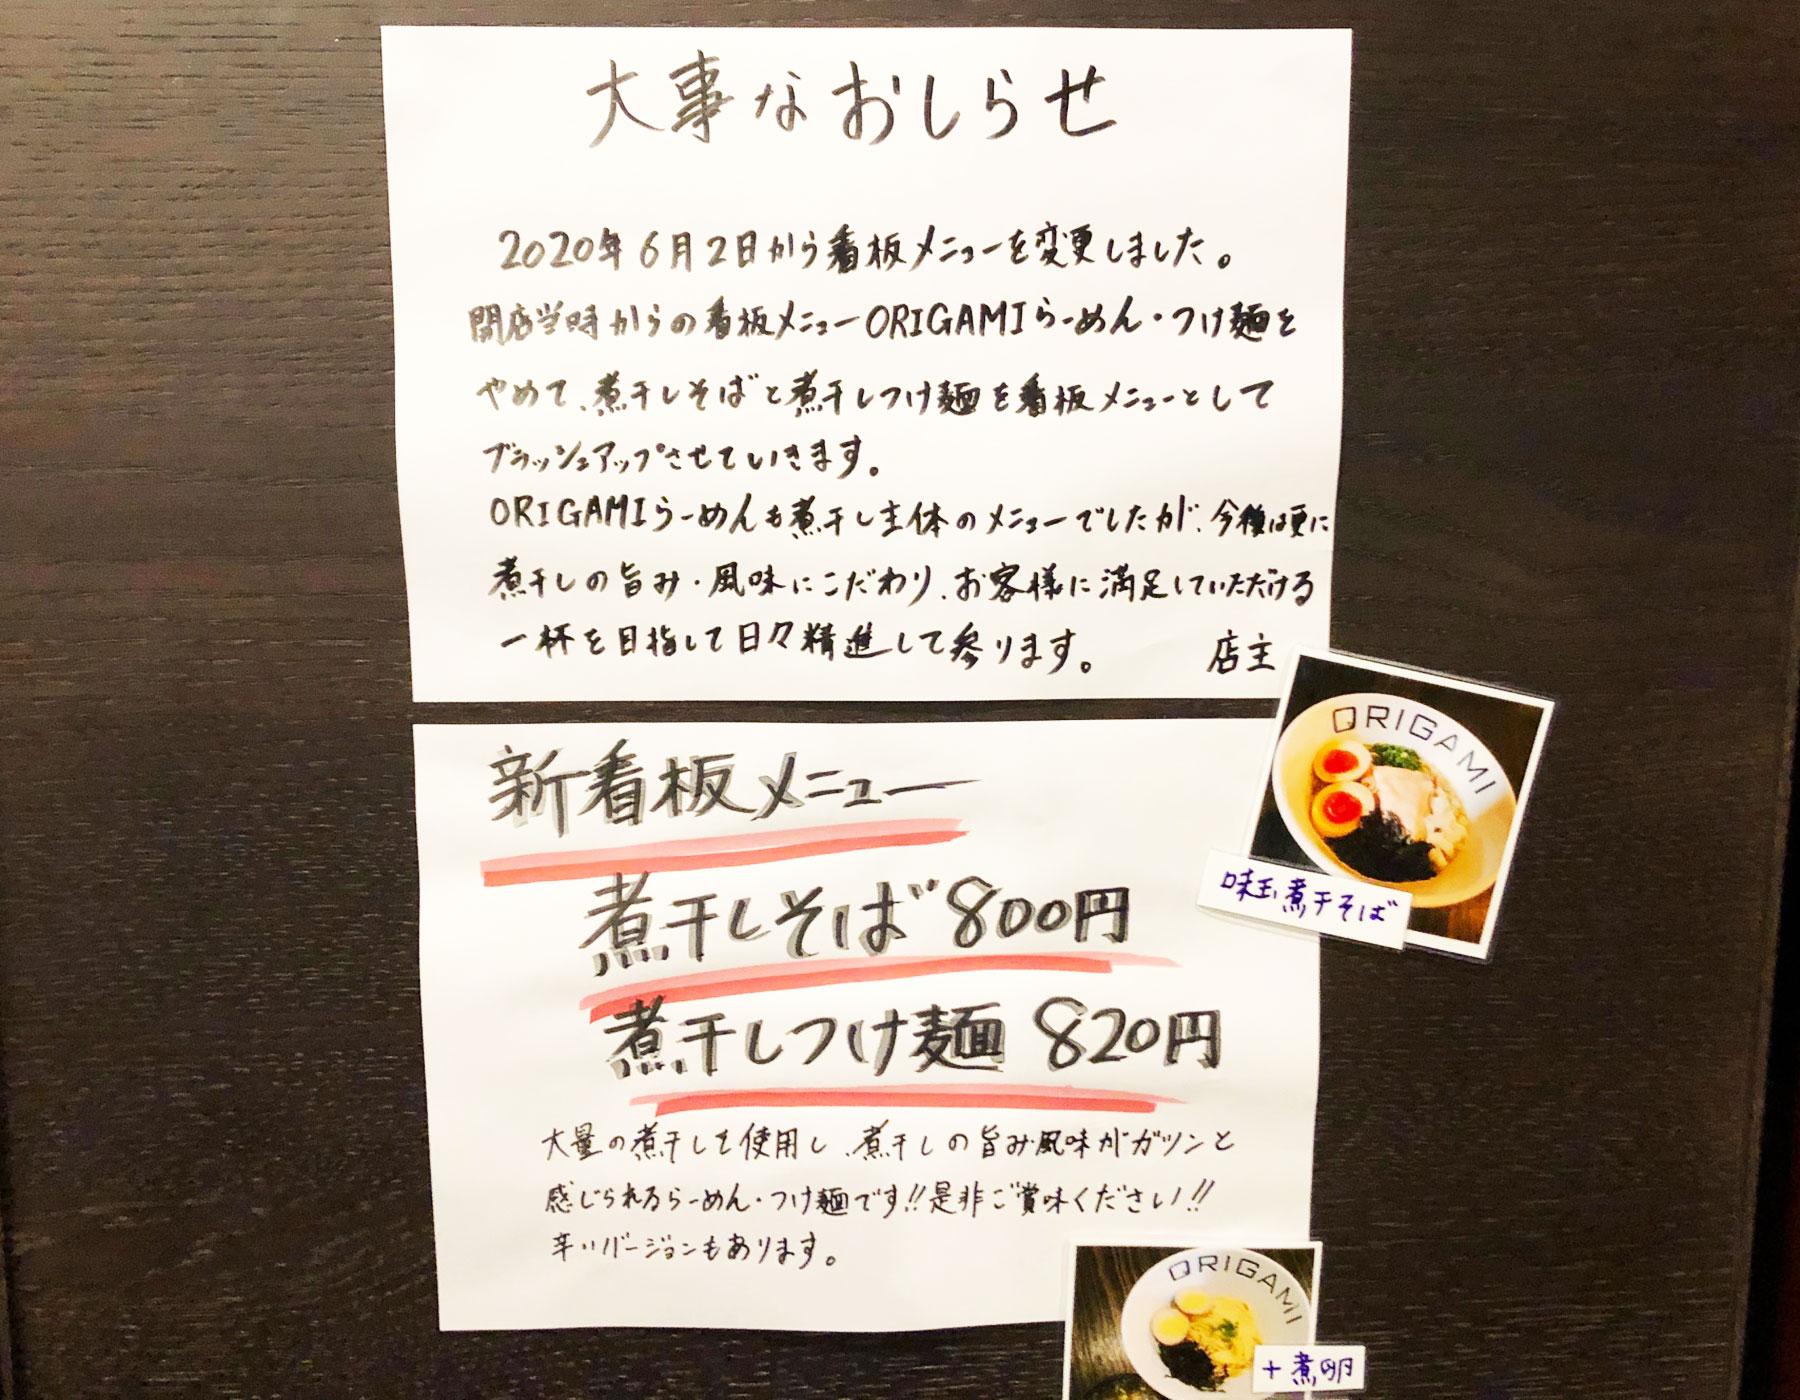 麵屋ORIGAMI・2020年6月2日からの新メニュー